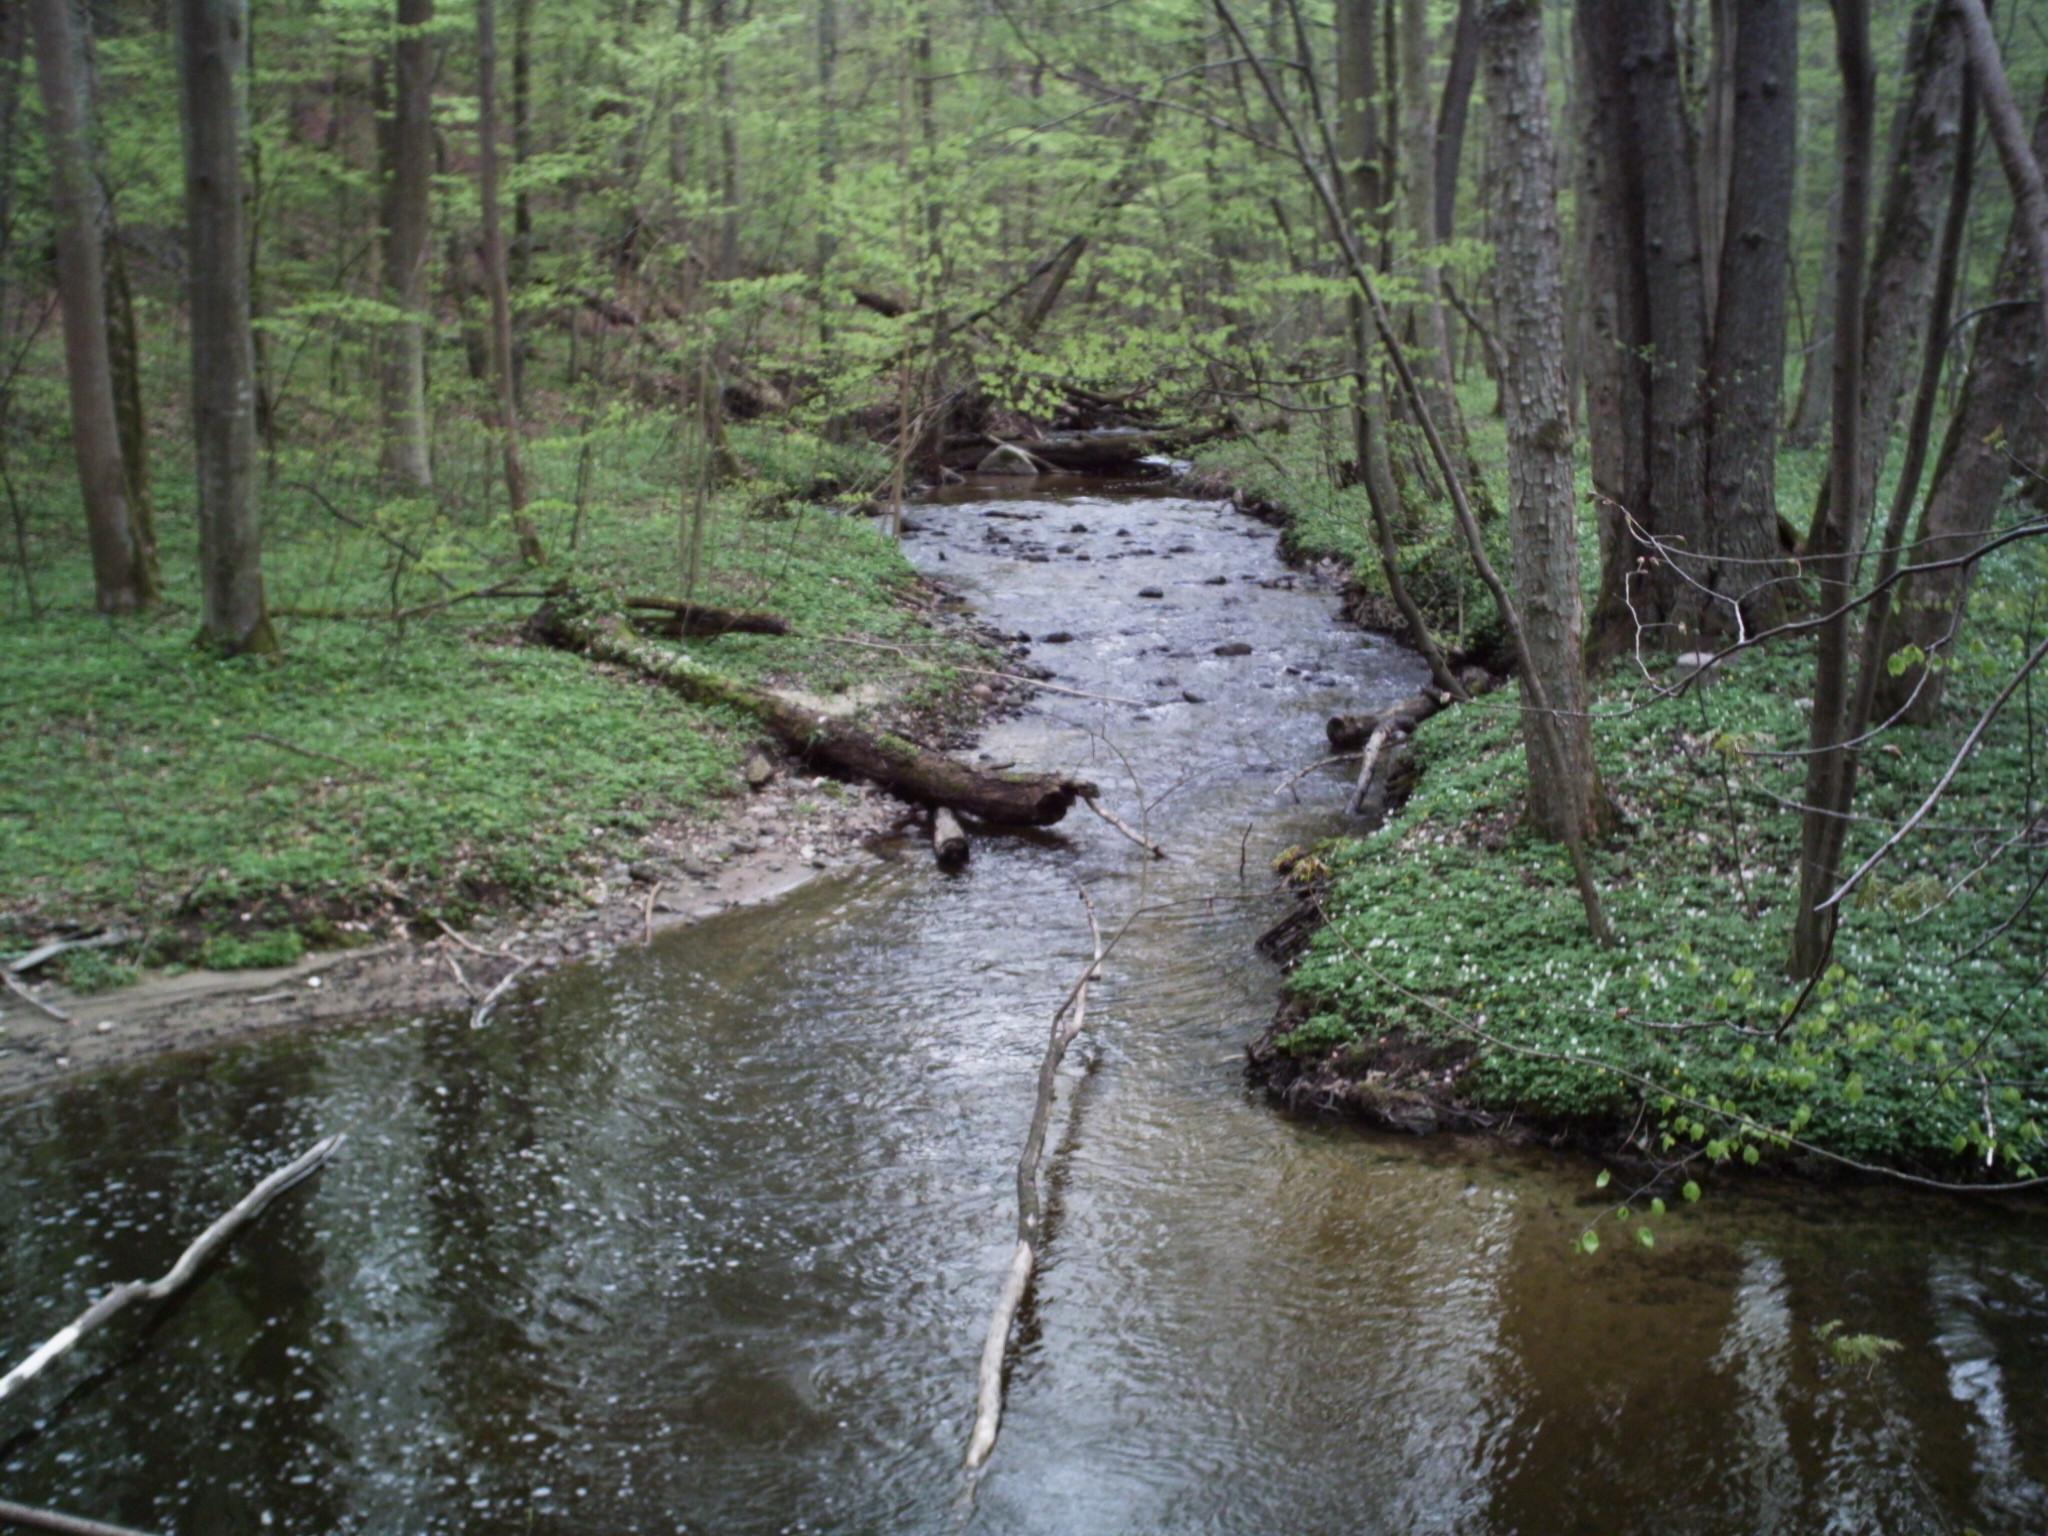 Potok widok w lesie